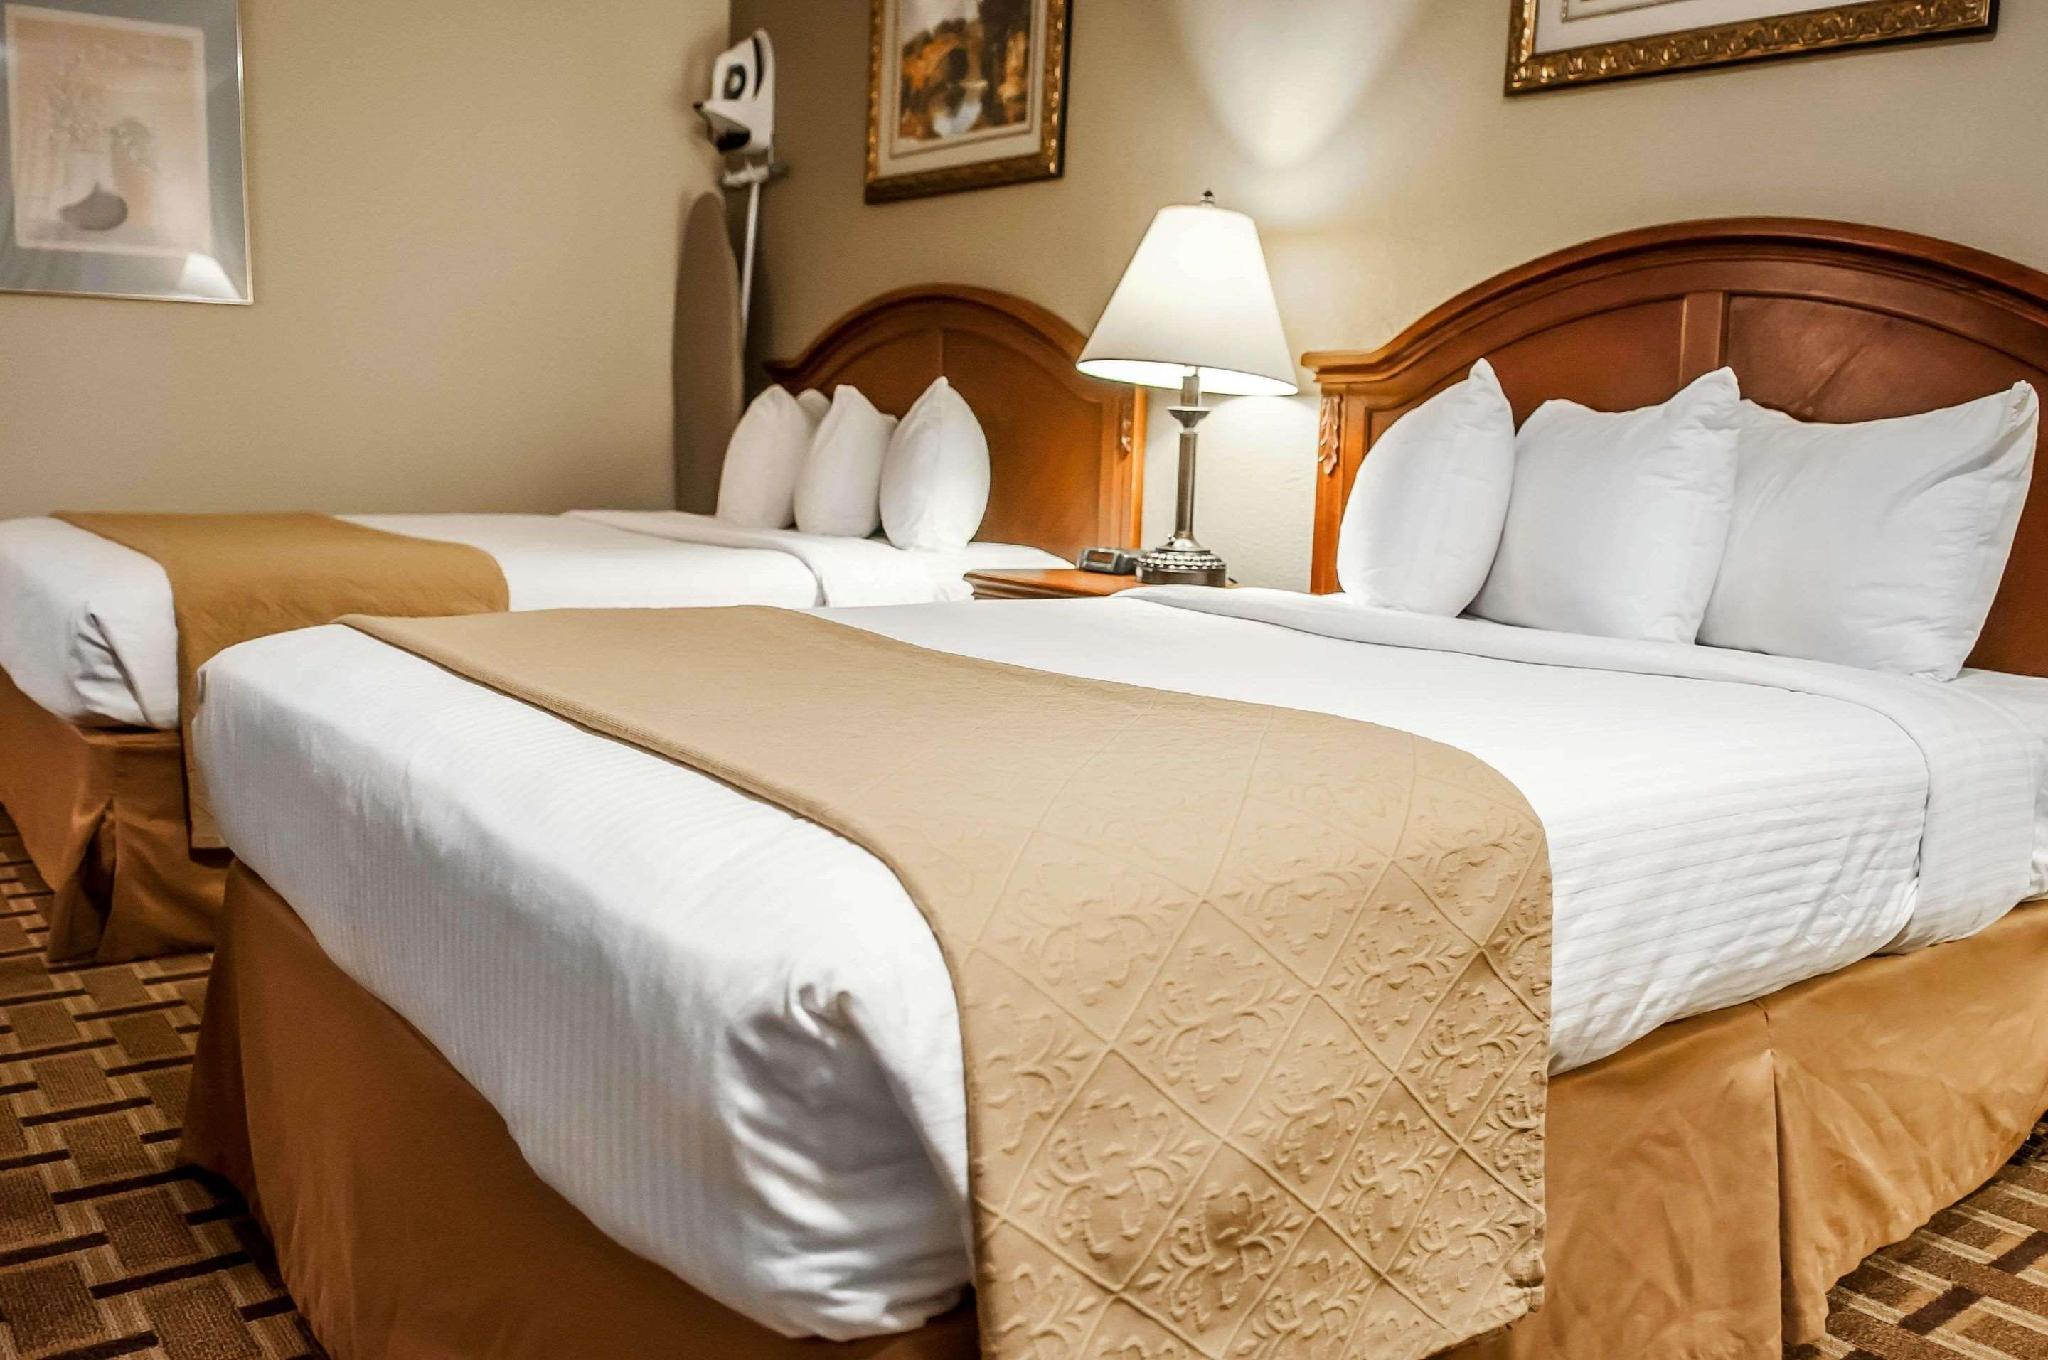 Quality Inn Hotel Santa Fe Nm Deals Photos Reviews